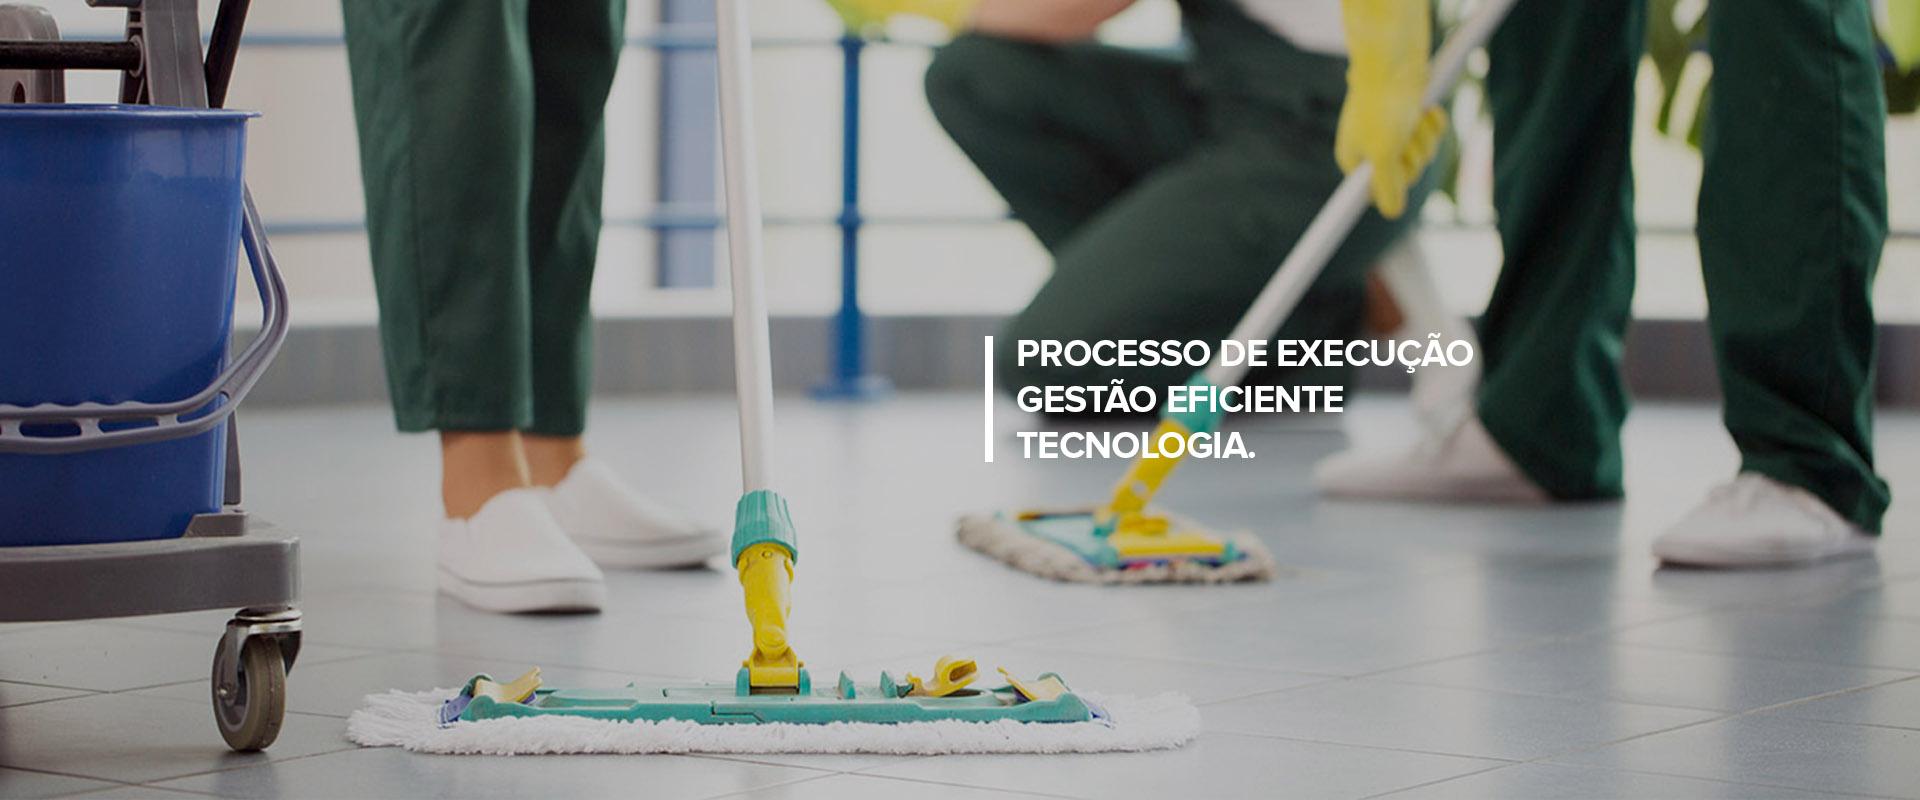 Limpeza e Conservação de Prédios Comerciais, Industriais e Residenciais